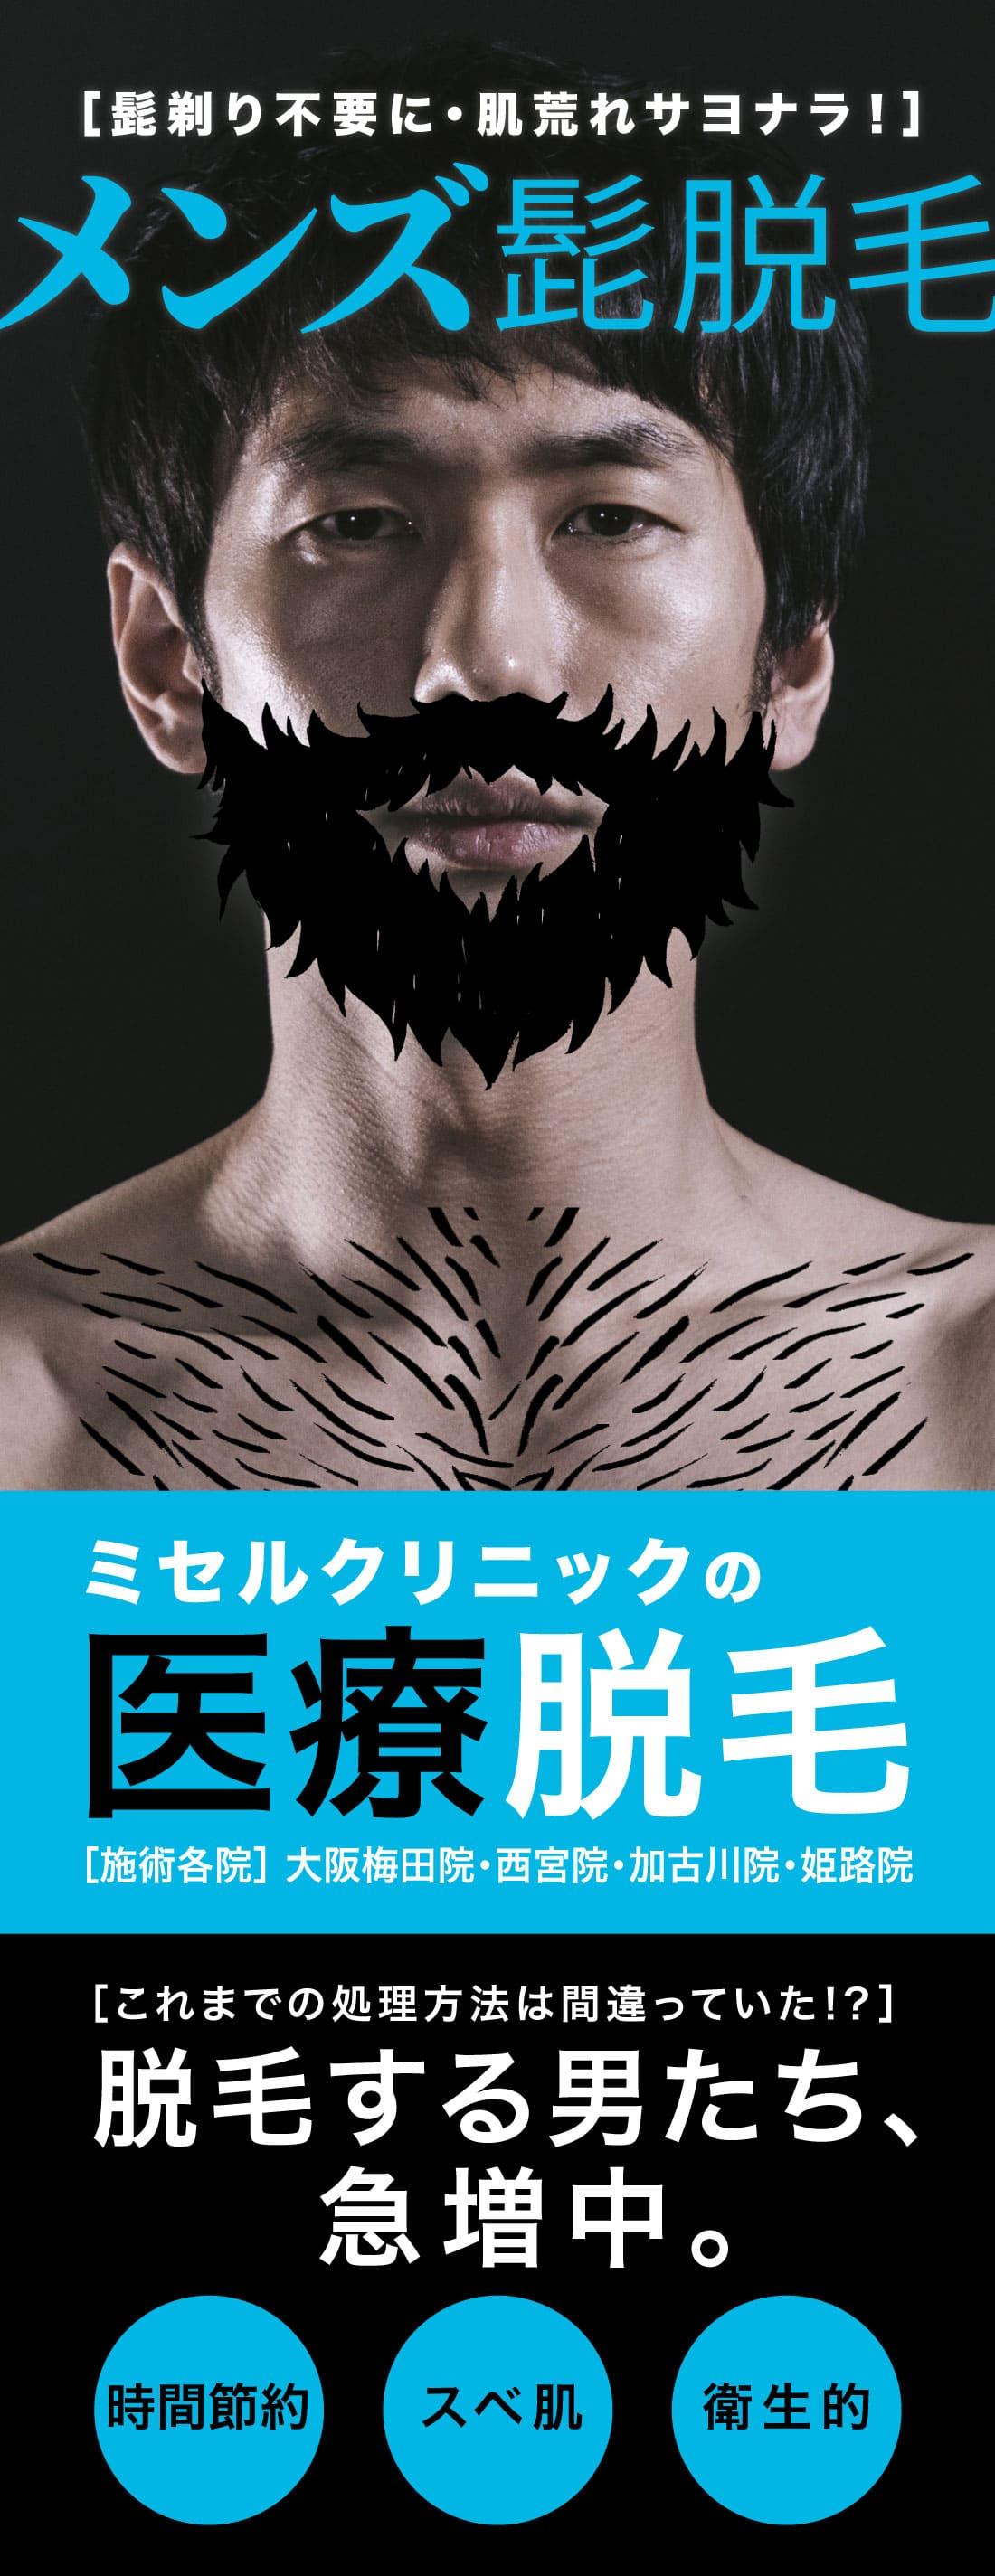 ミセルクリニック 医療脱毛 男性向け メンズ髭脱毛